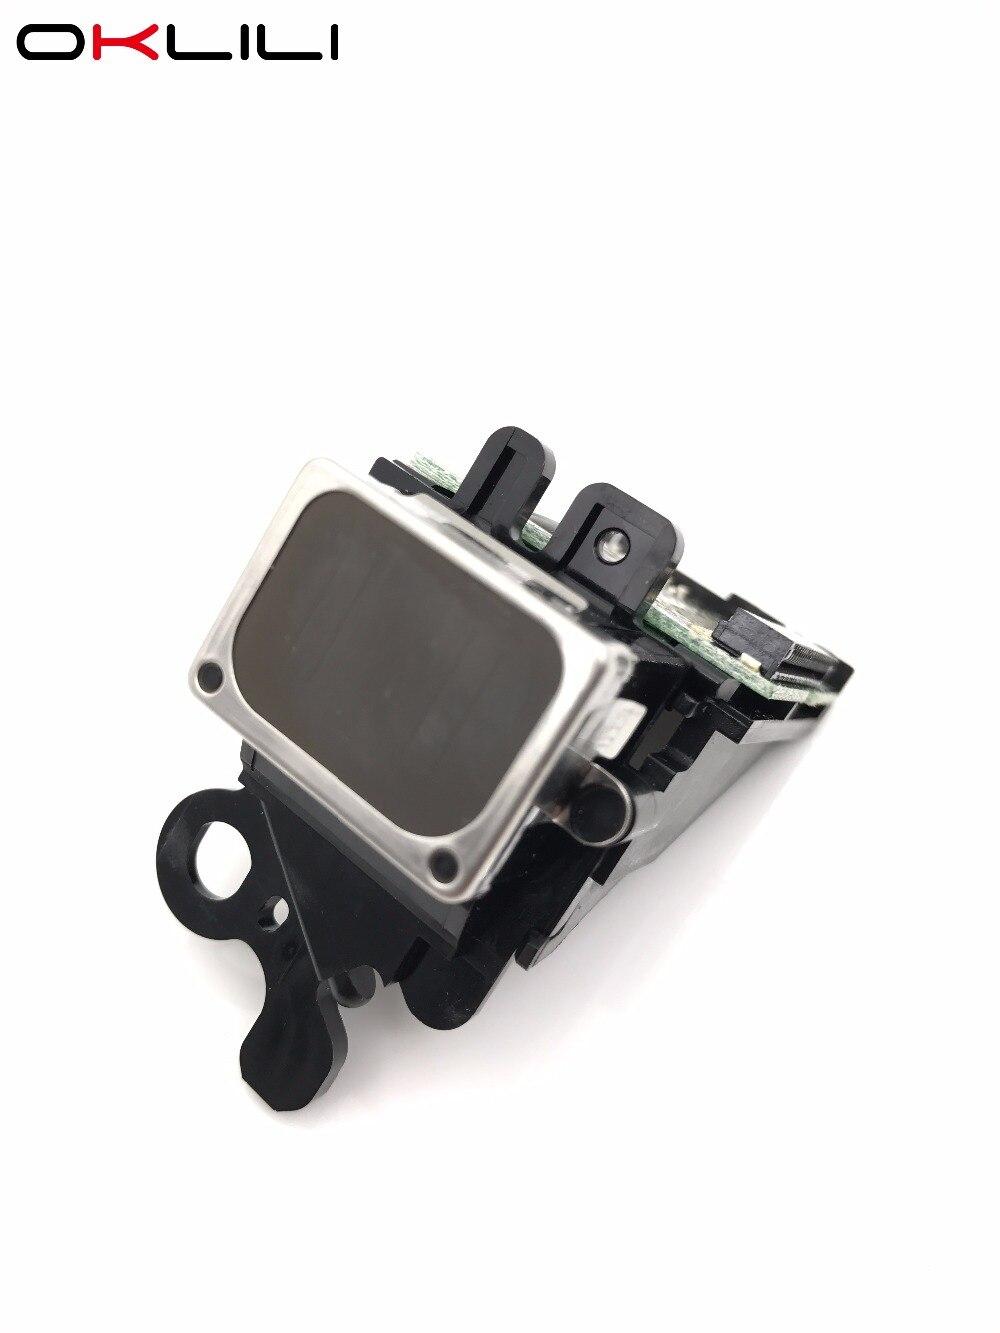 F056030 BLACK Printhead Printer Print Head for Mutoh Rockhopper 48 62 38 RJ-800 RJ-4000 RJ-4100 RJ-6100-46 RJ-6100 RJ-6000